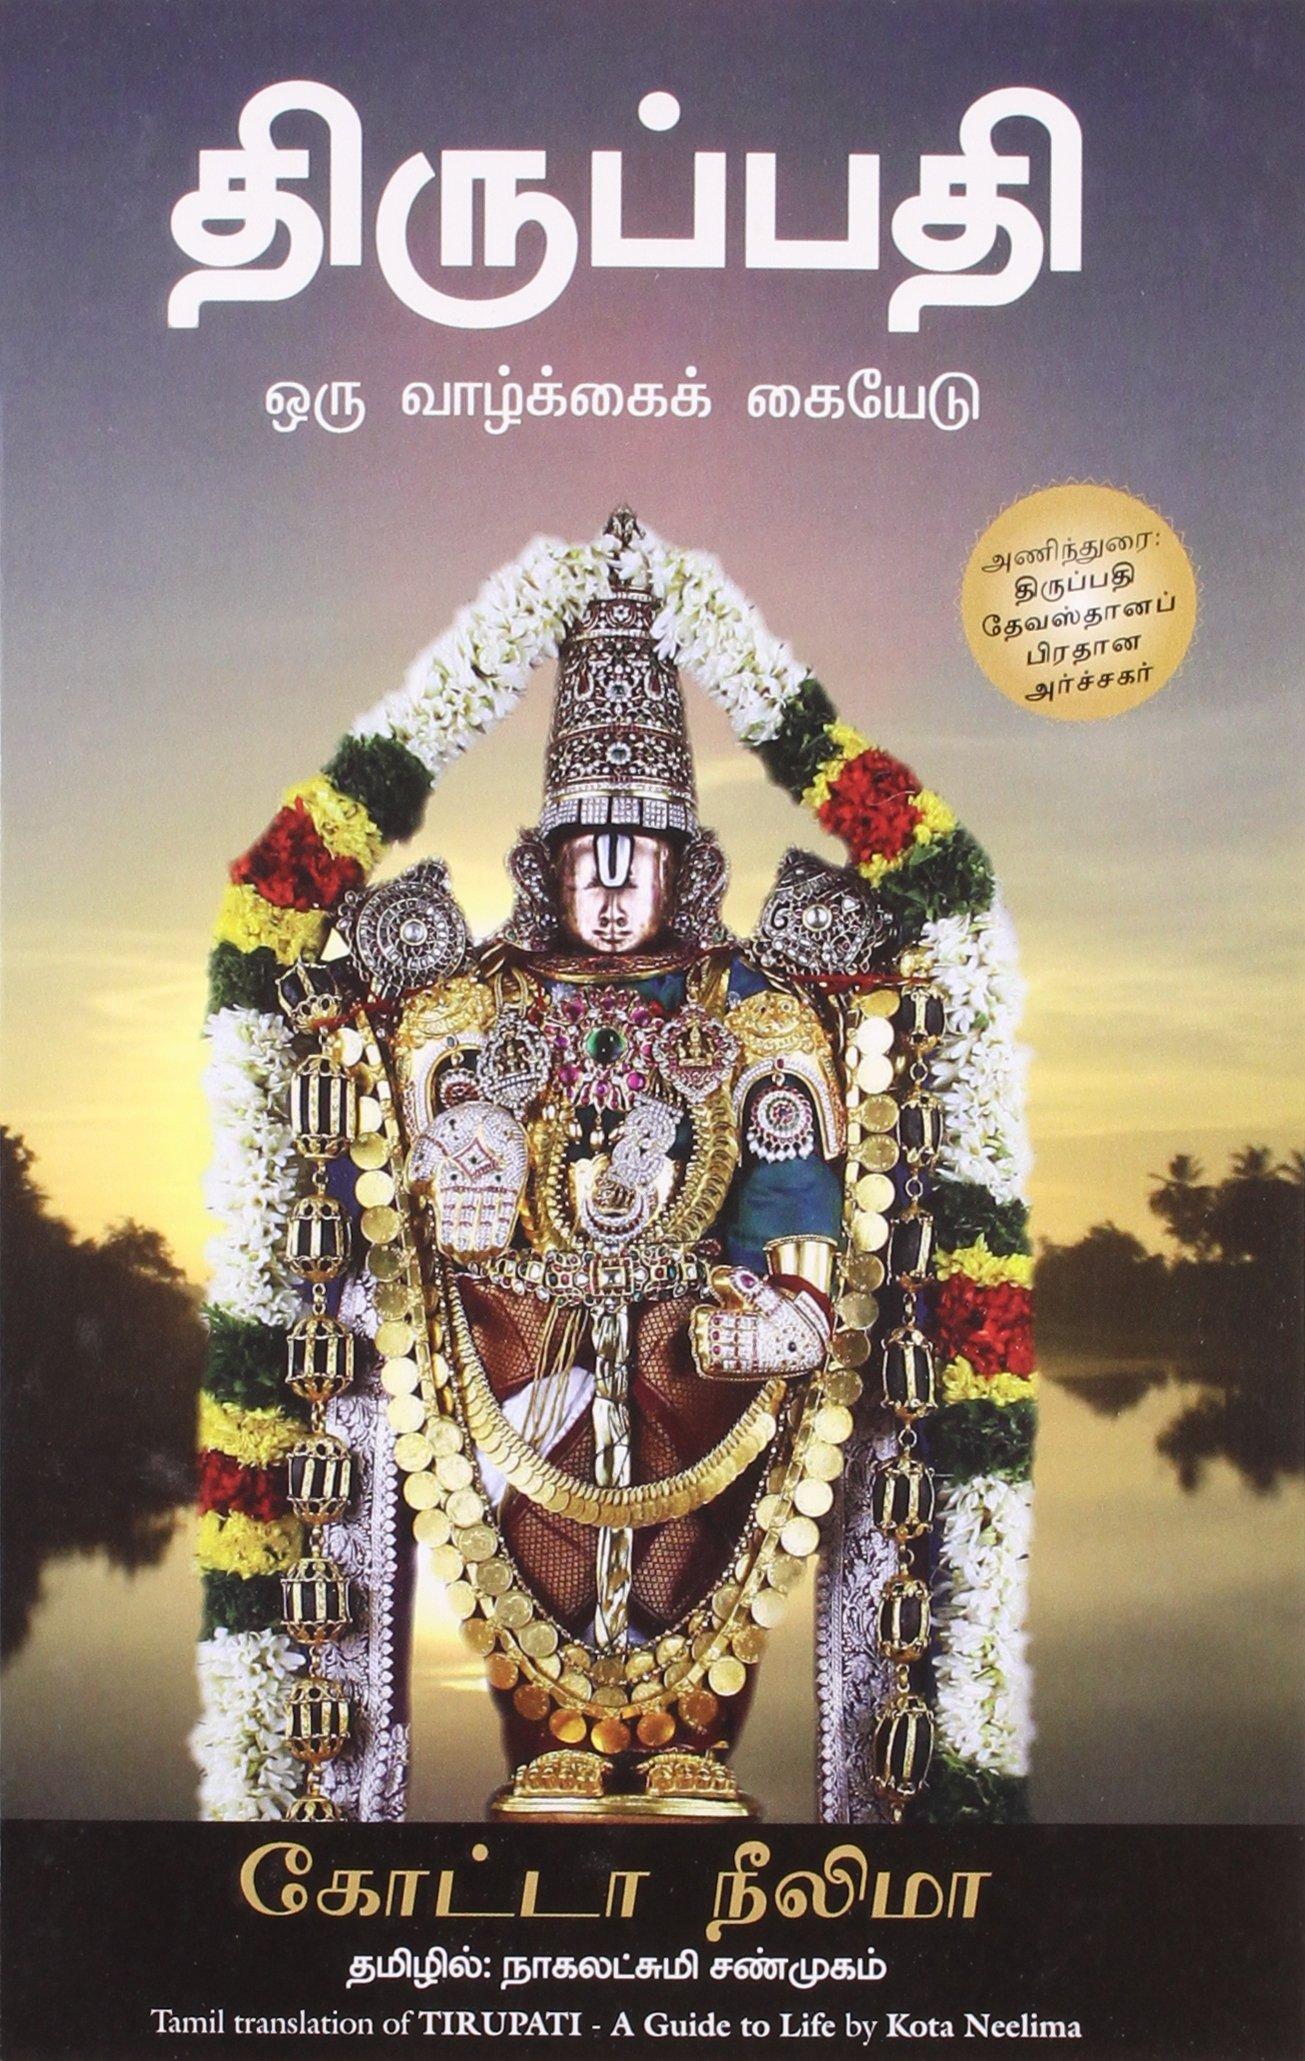 திருப்பதி - ஒரு வாழ்க்கைக் கையேடு - Thiruppathi Oru Vazhkai Kaiyedu - TIRUPATI - Tamil